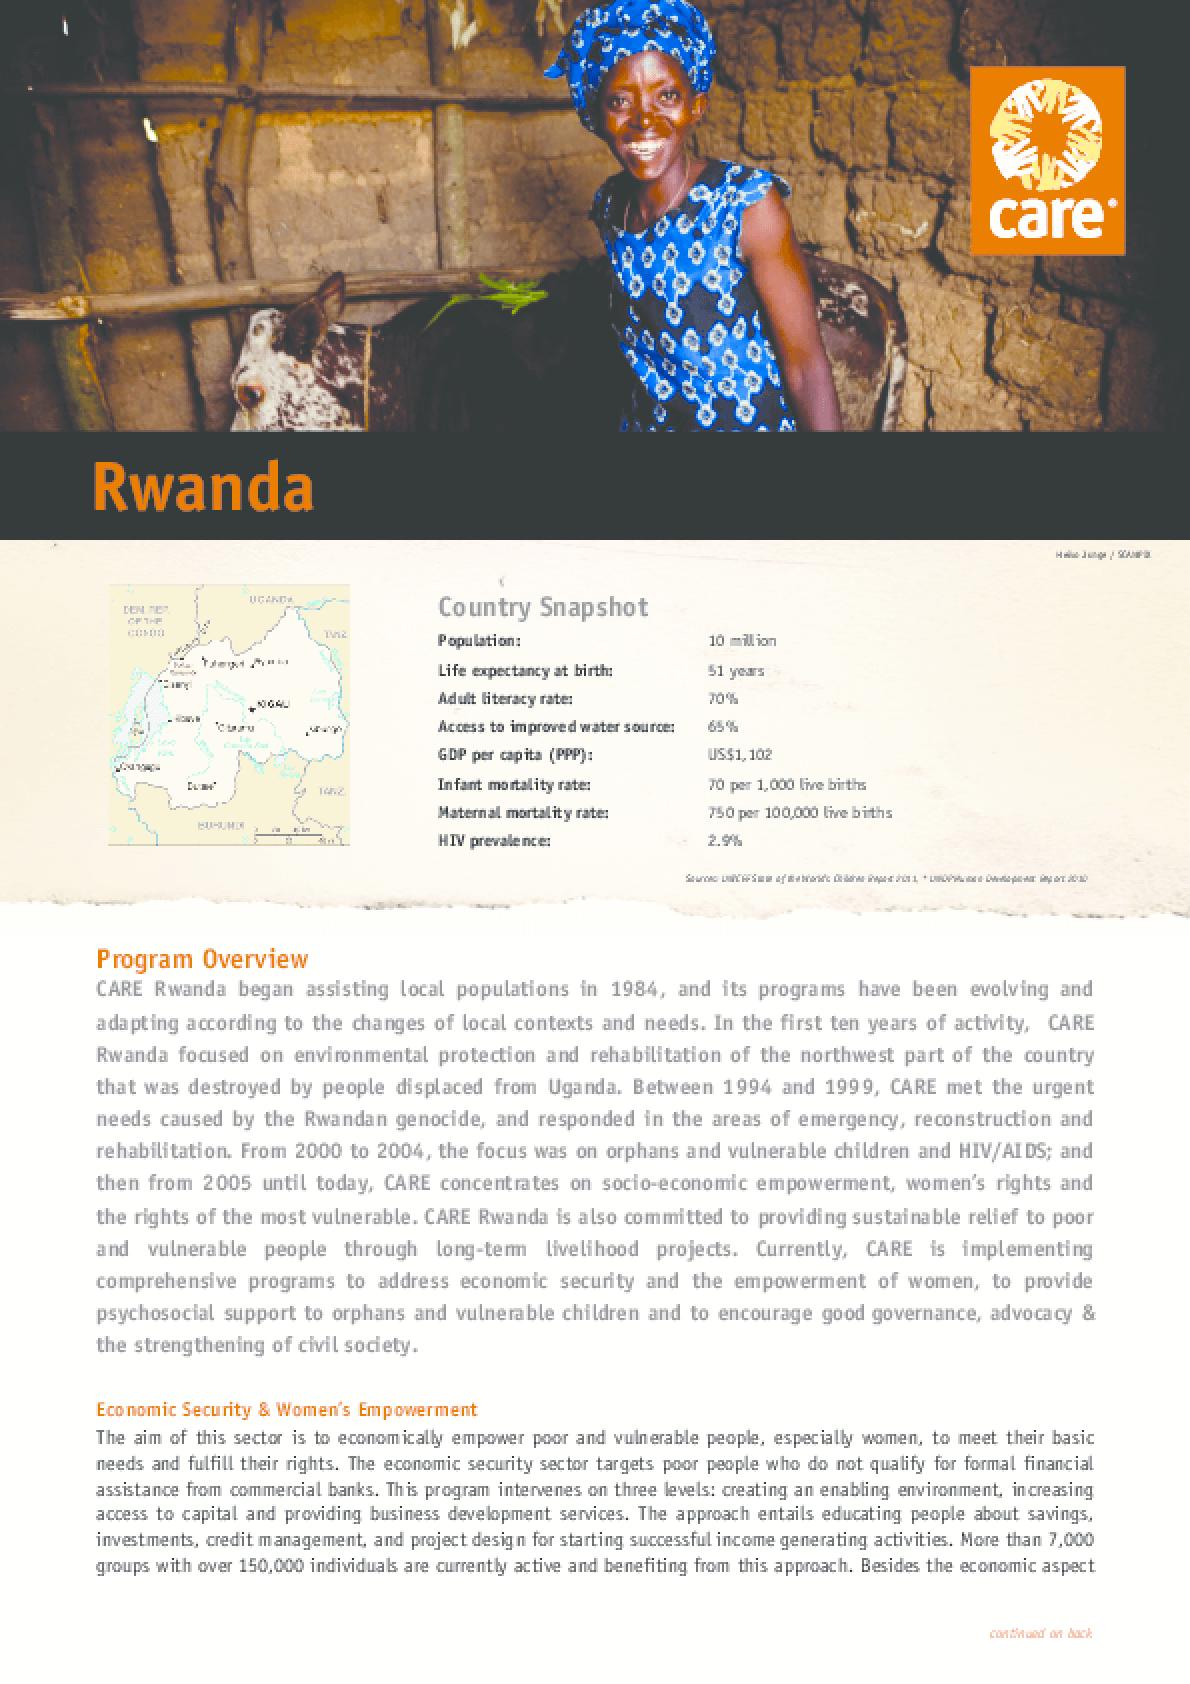 Rwanda Country Snapshot